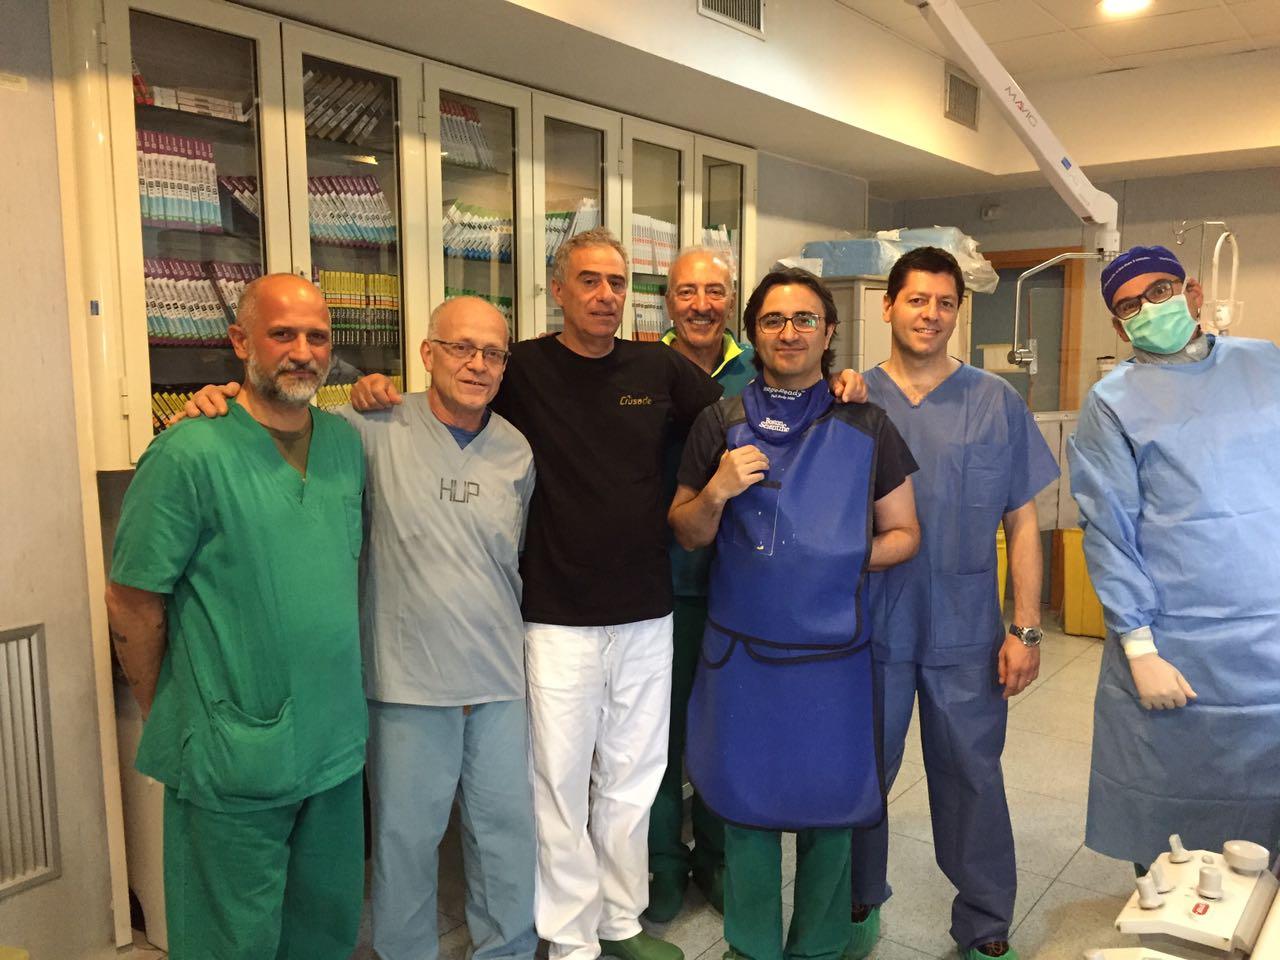 Ringraziamento pubblico al Dott. Raimondo Calvanese e al reparto U.T.I.C. dell'ospedale Loreto Mare di Napoli